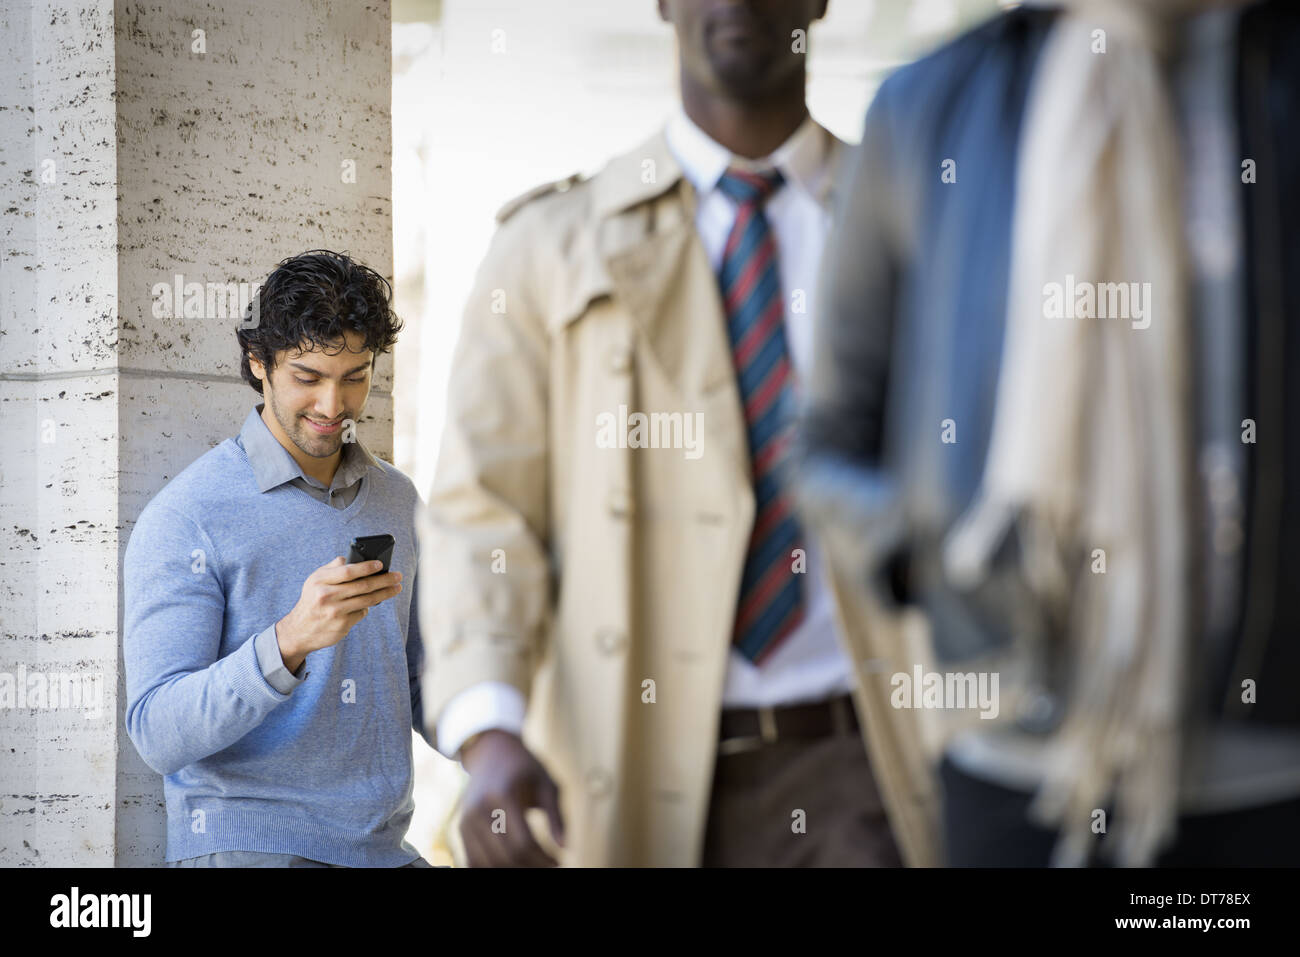 Drei Menschen auf dem Bürgersteig, ein Mann mit seinem Handy, ein Mann im Regenmantel und ein junger Mann auf der Straße. Stockbild